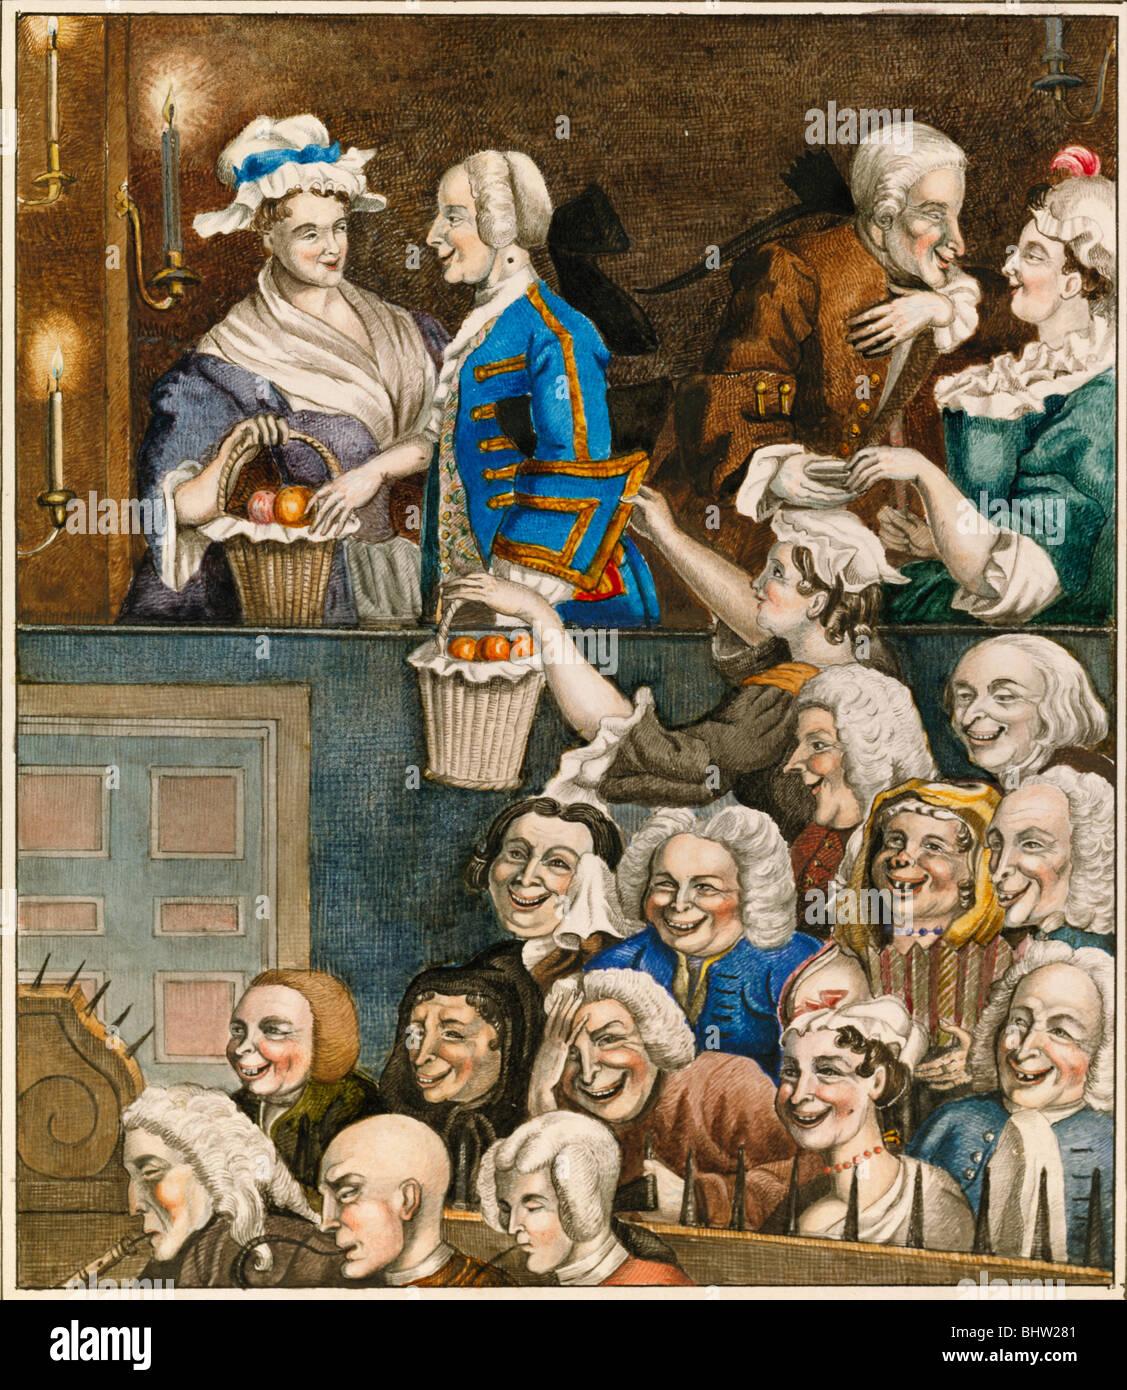 Das lachende Publikum von Edward Matthew Ward. England, 19. Jahrhundert Stockbild